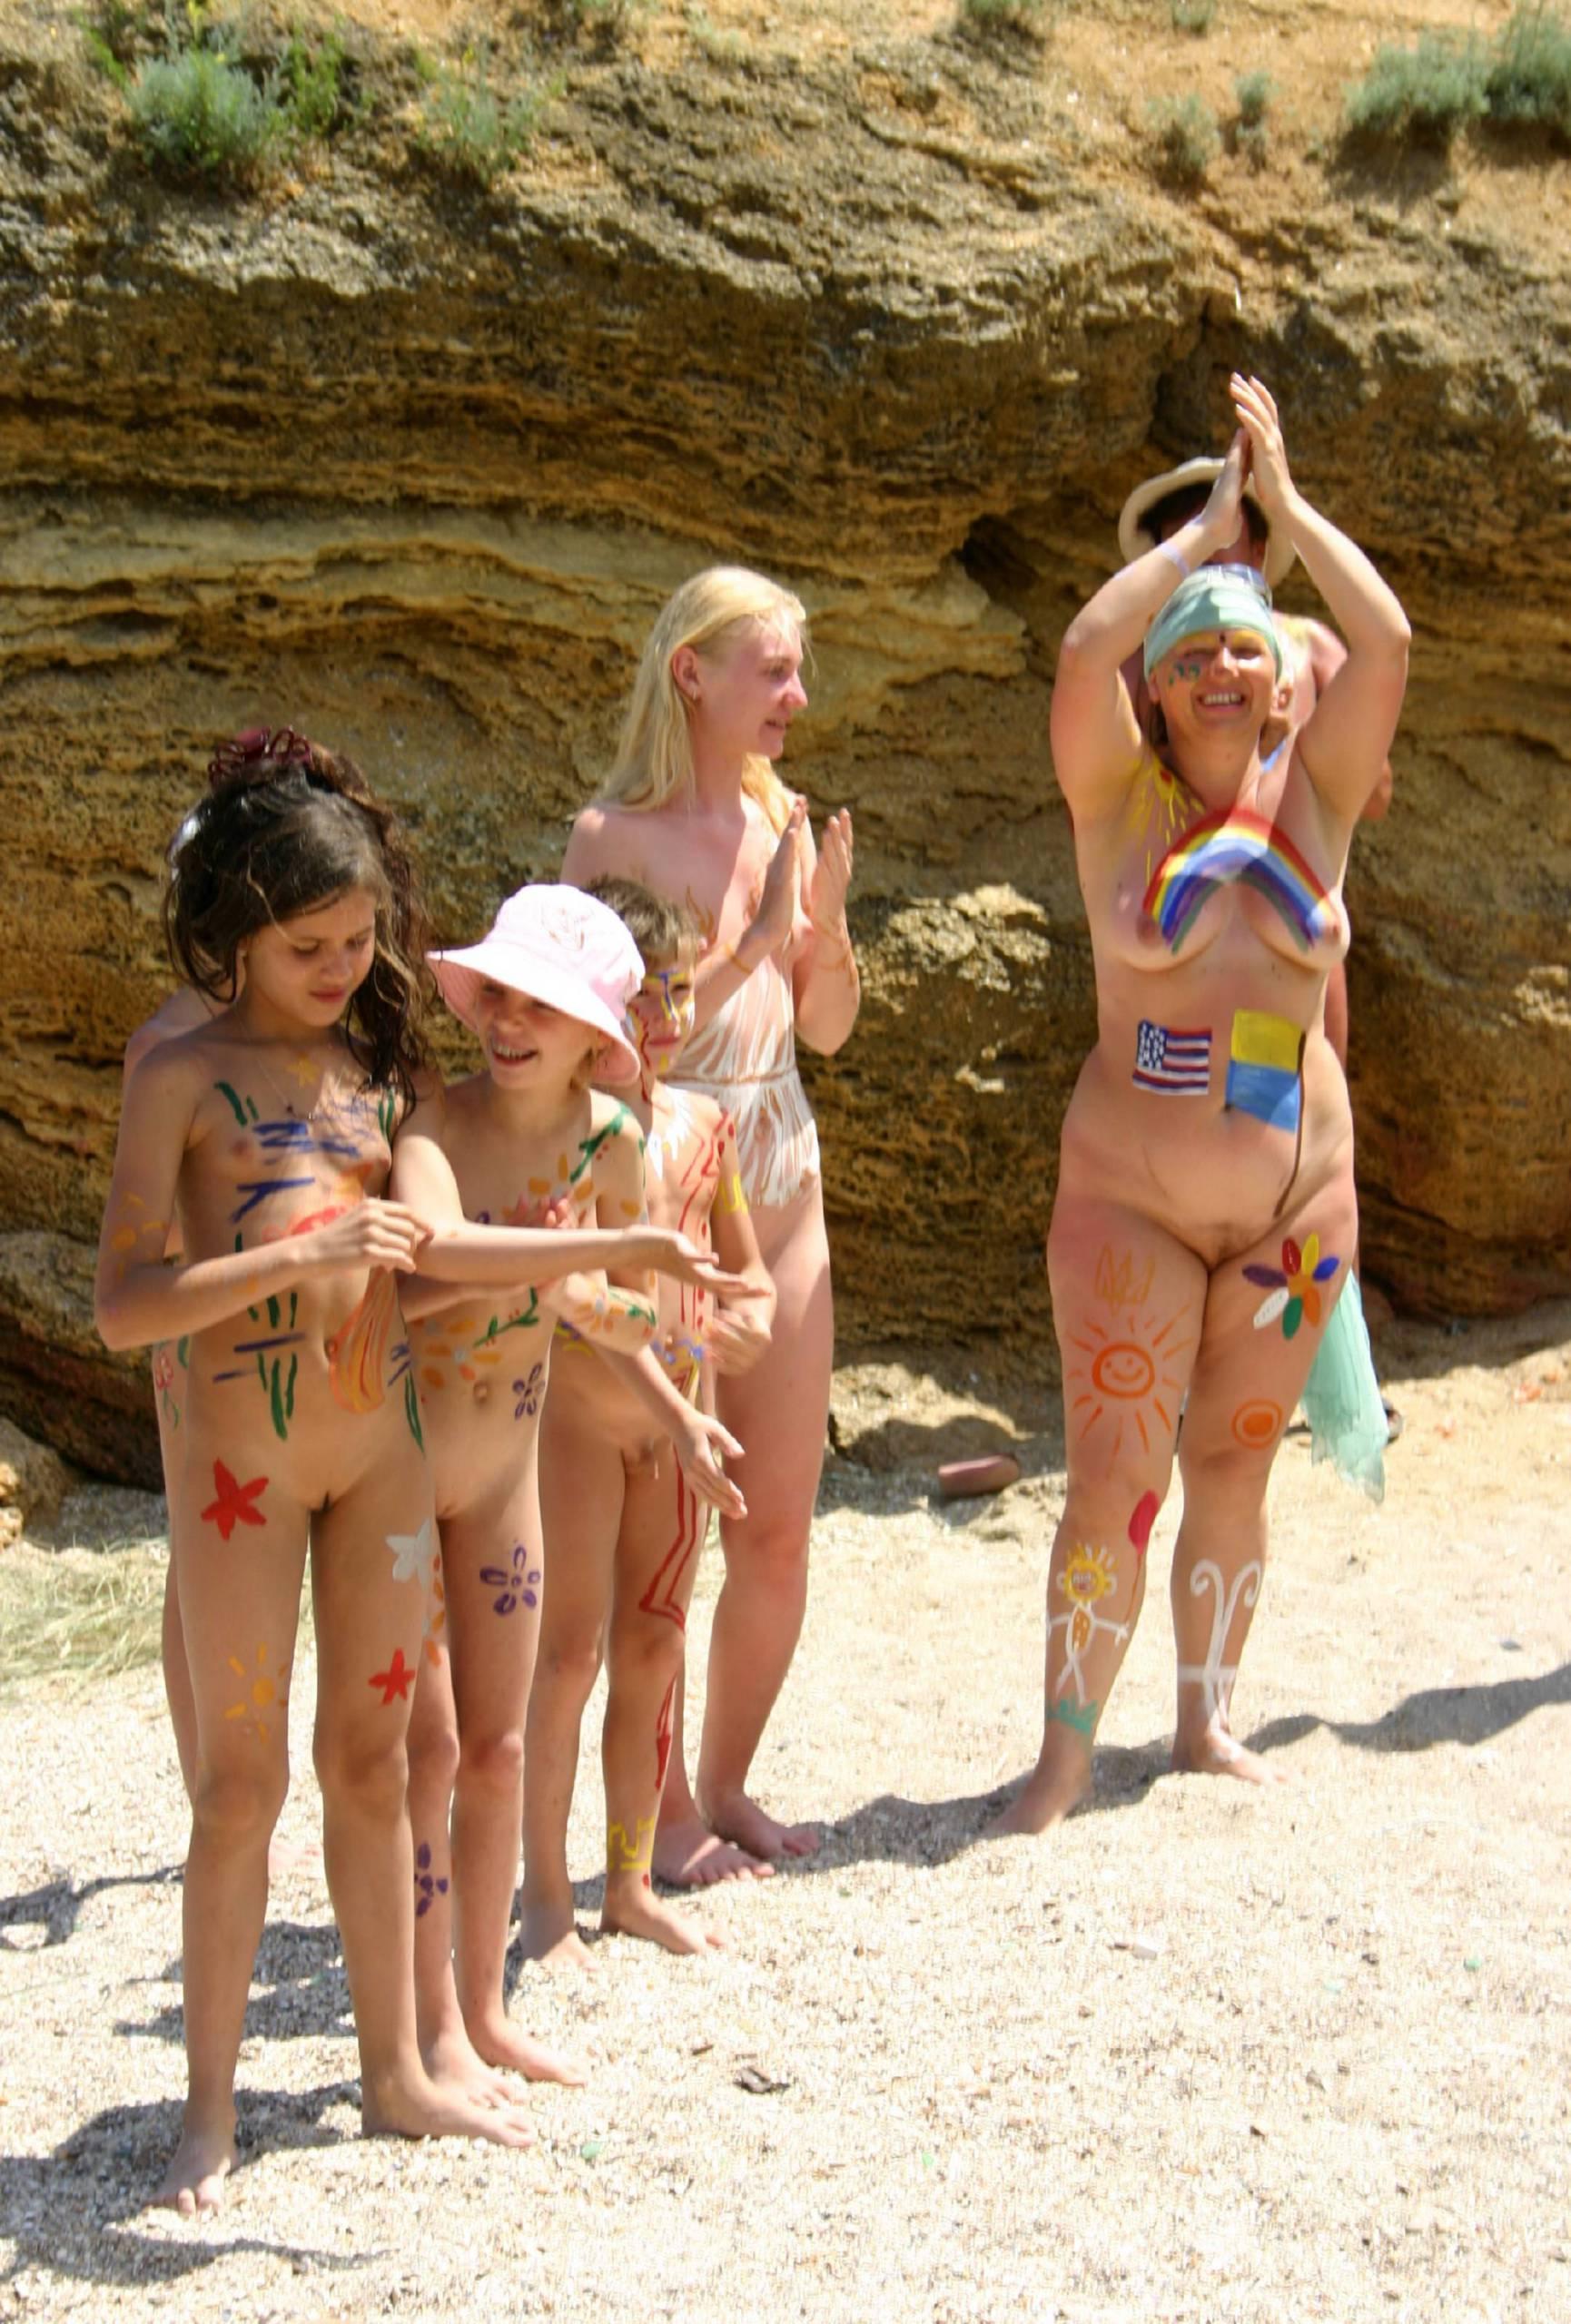 Nudist Pictures Odessa Sun Shore Profile - 2